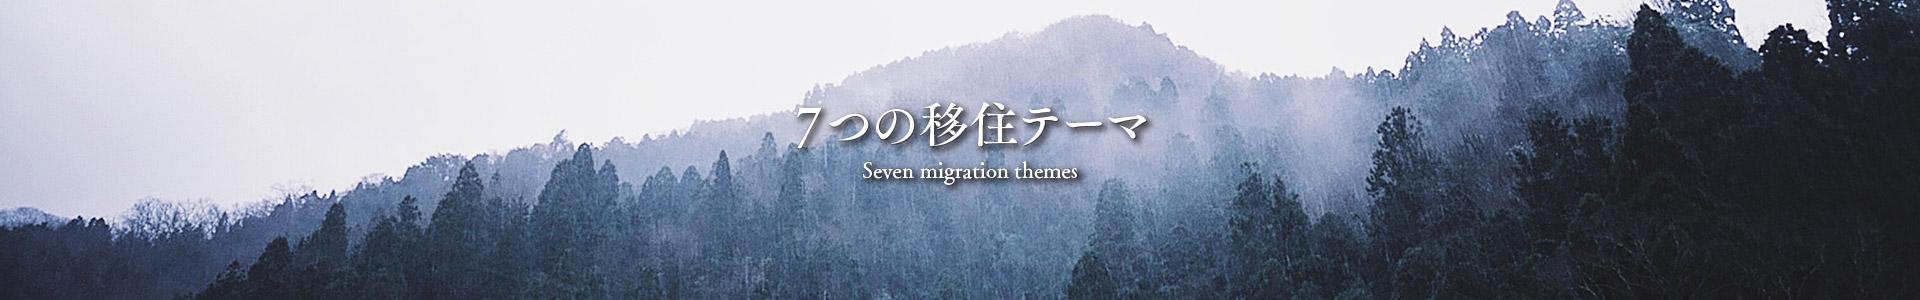 7つの移住テーマ